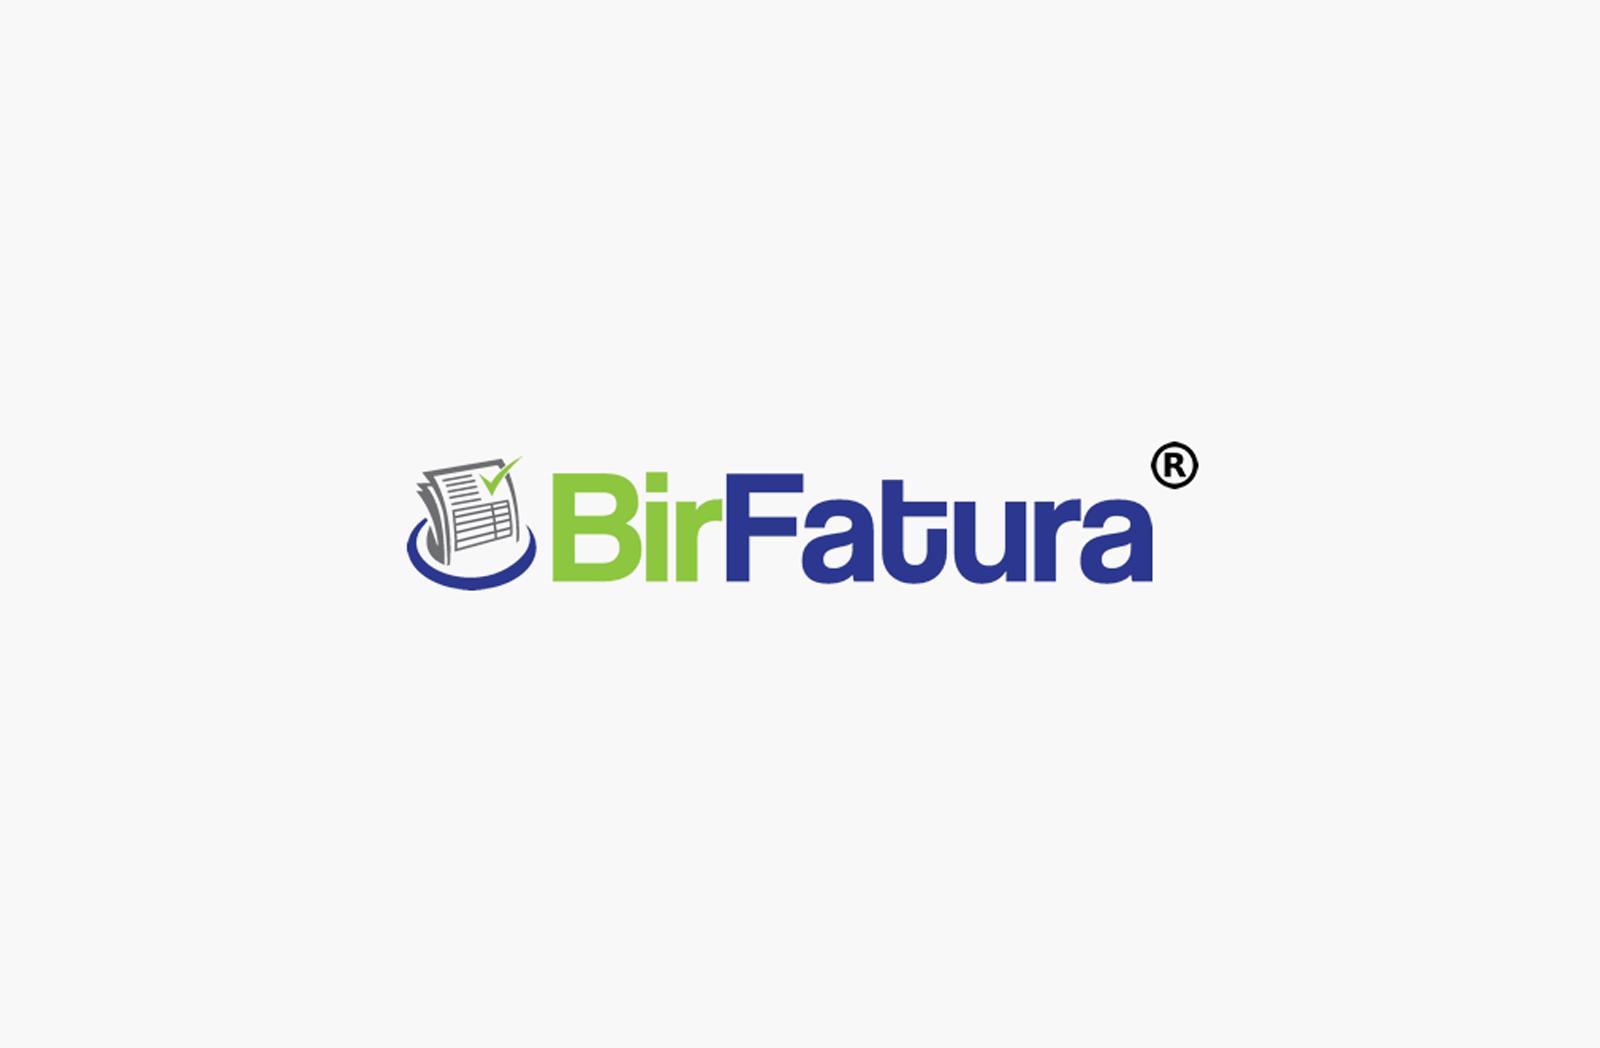 birfatura-muhasebe